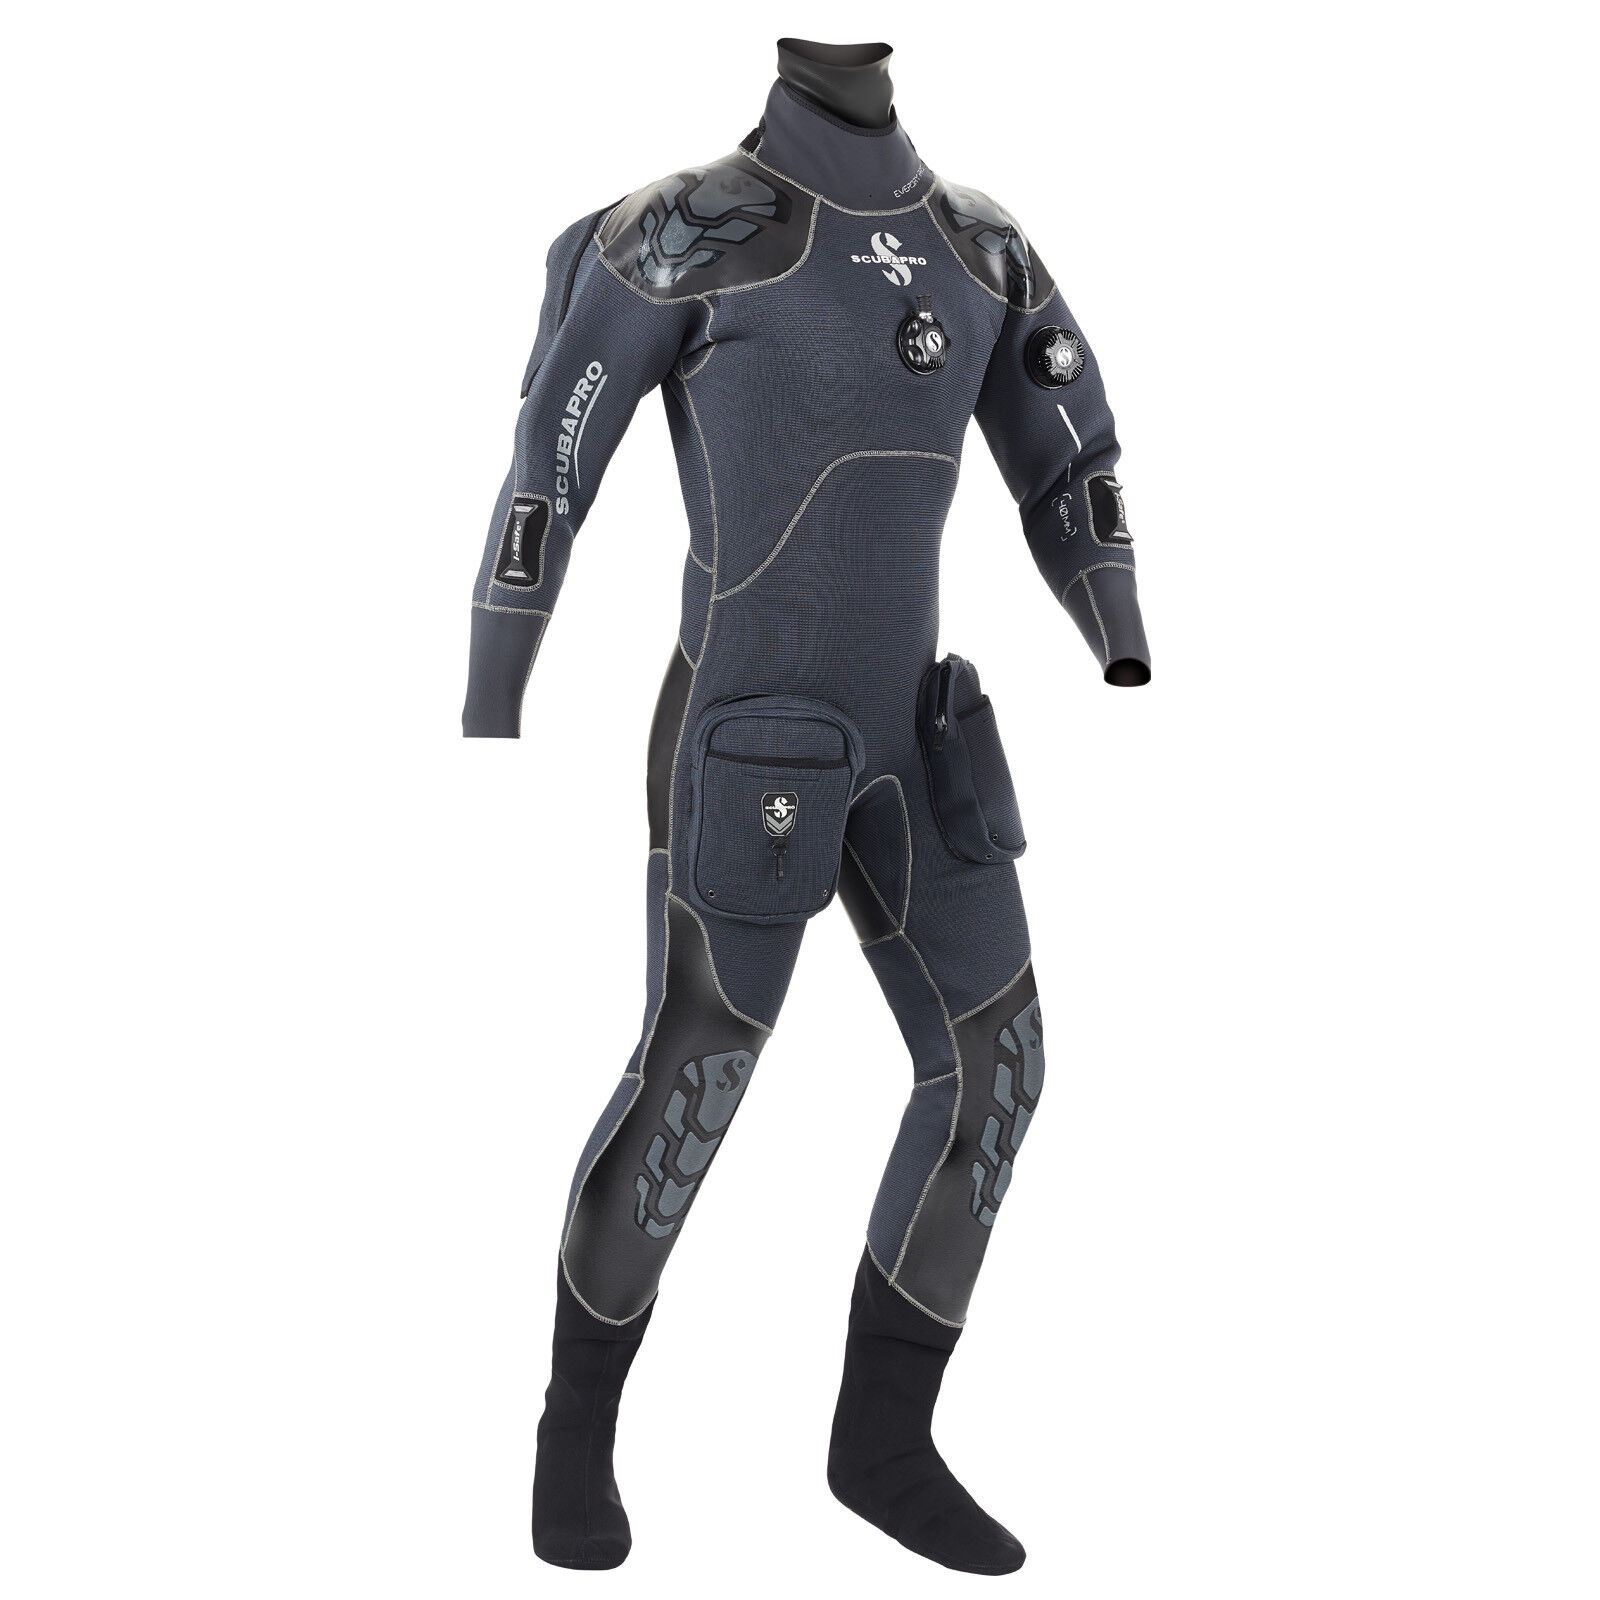 Scubapro Everdry pro 4.0 - Professional Diving Dry Suit Men's